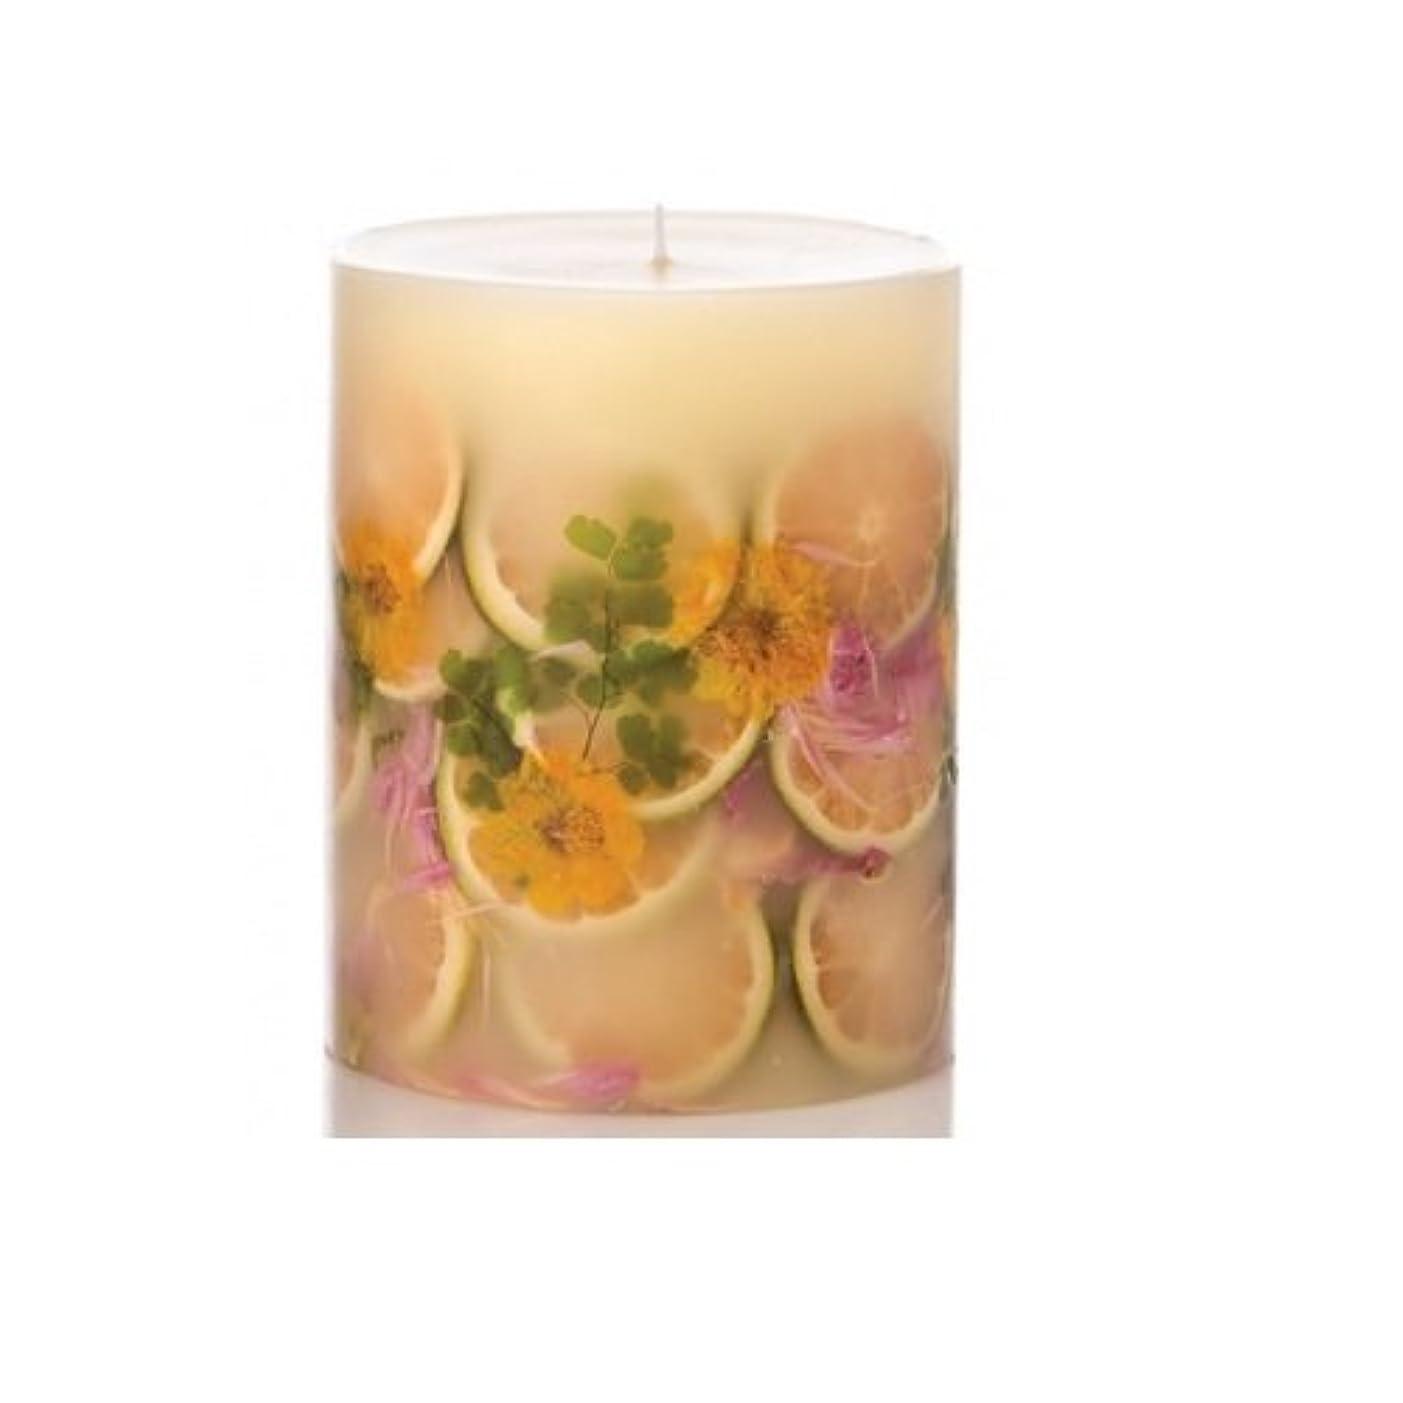 容量秘密のコーンウォールRosy Rings Lemon Blossom & Lycheeトールラウンド香りのキャンドル、5?